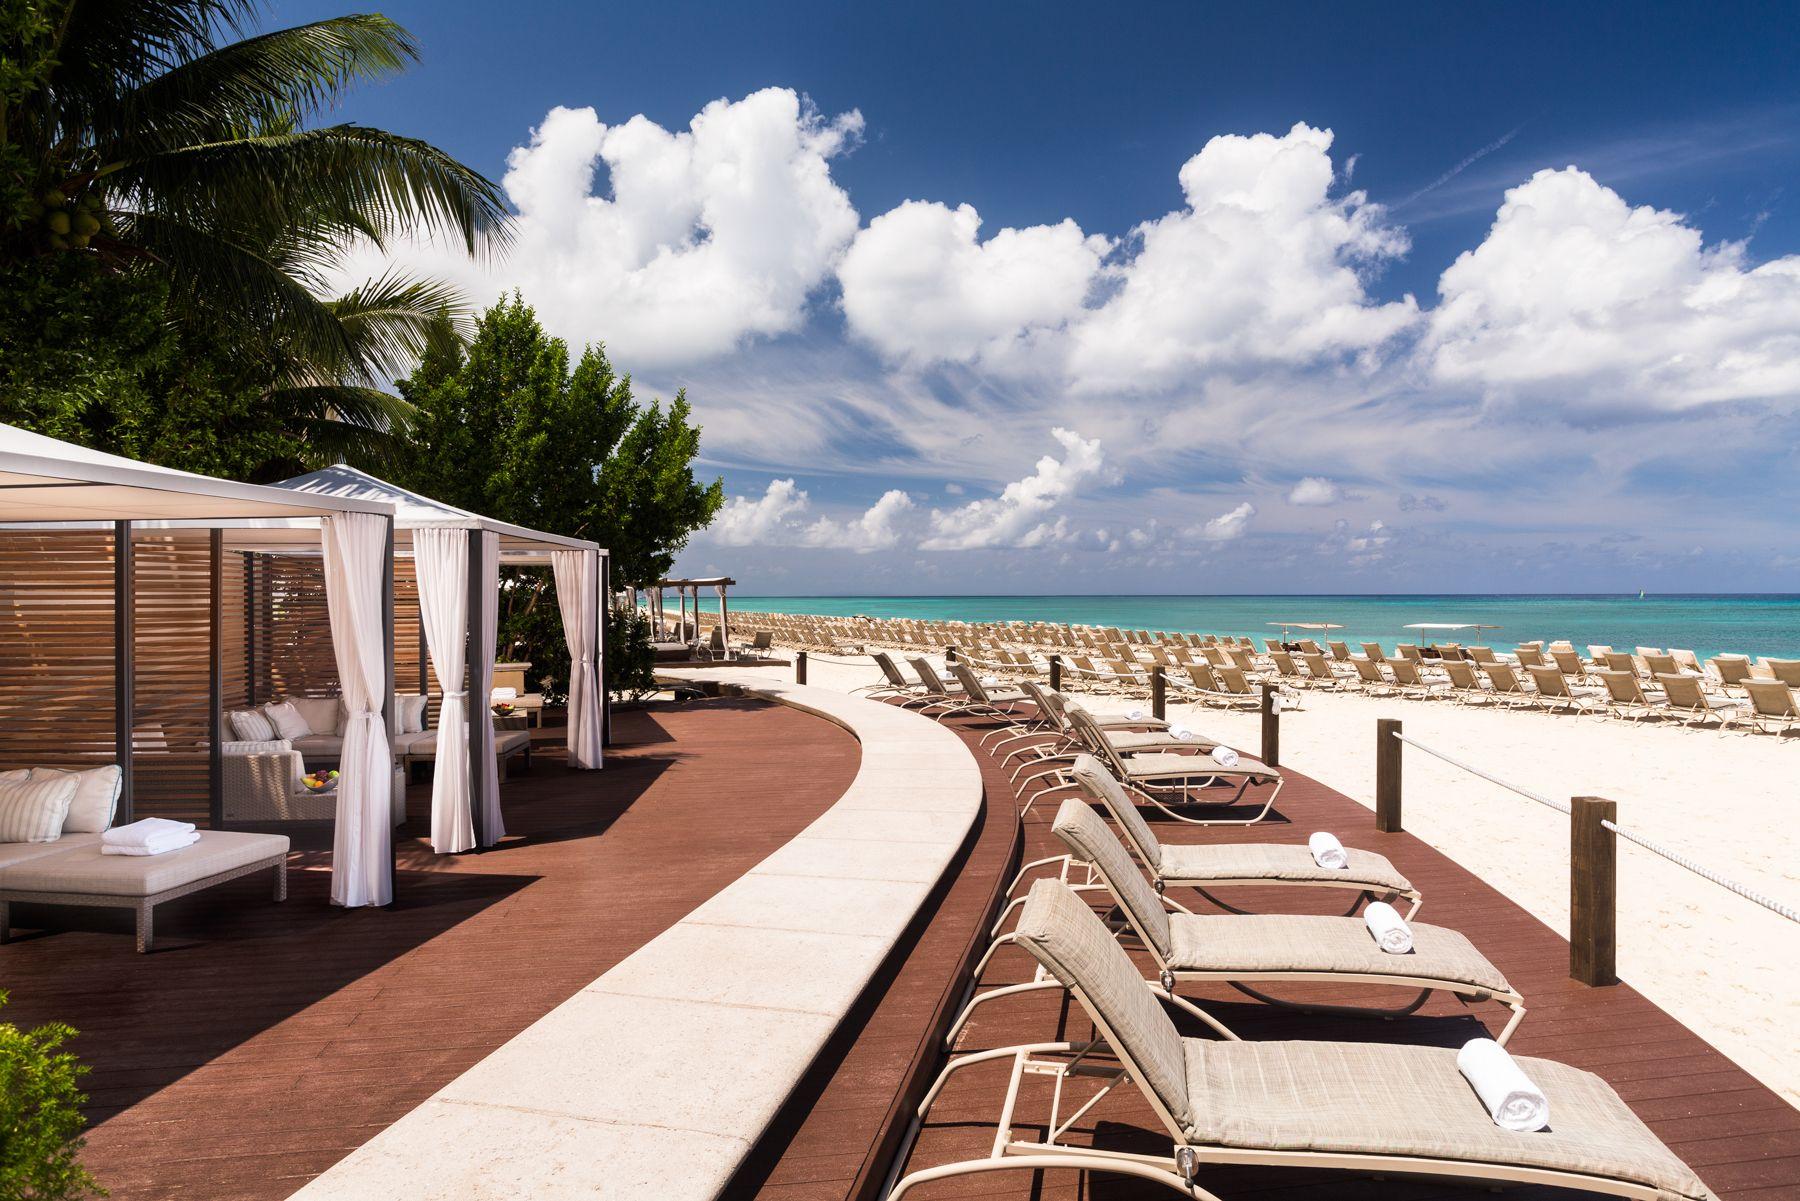 rcgc_beach_cabana_v3.jpg